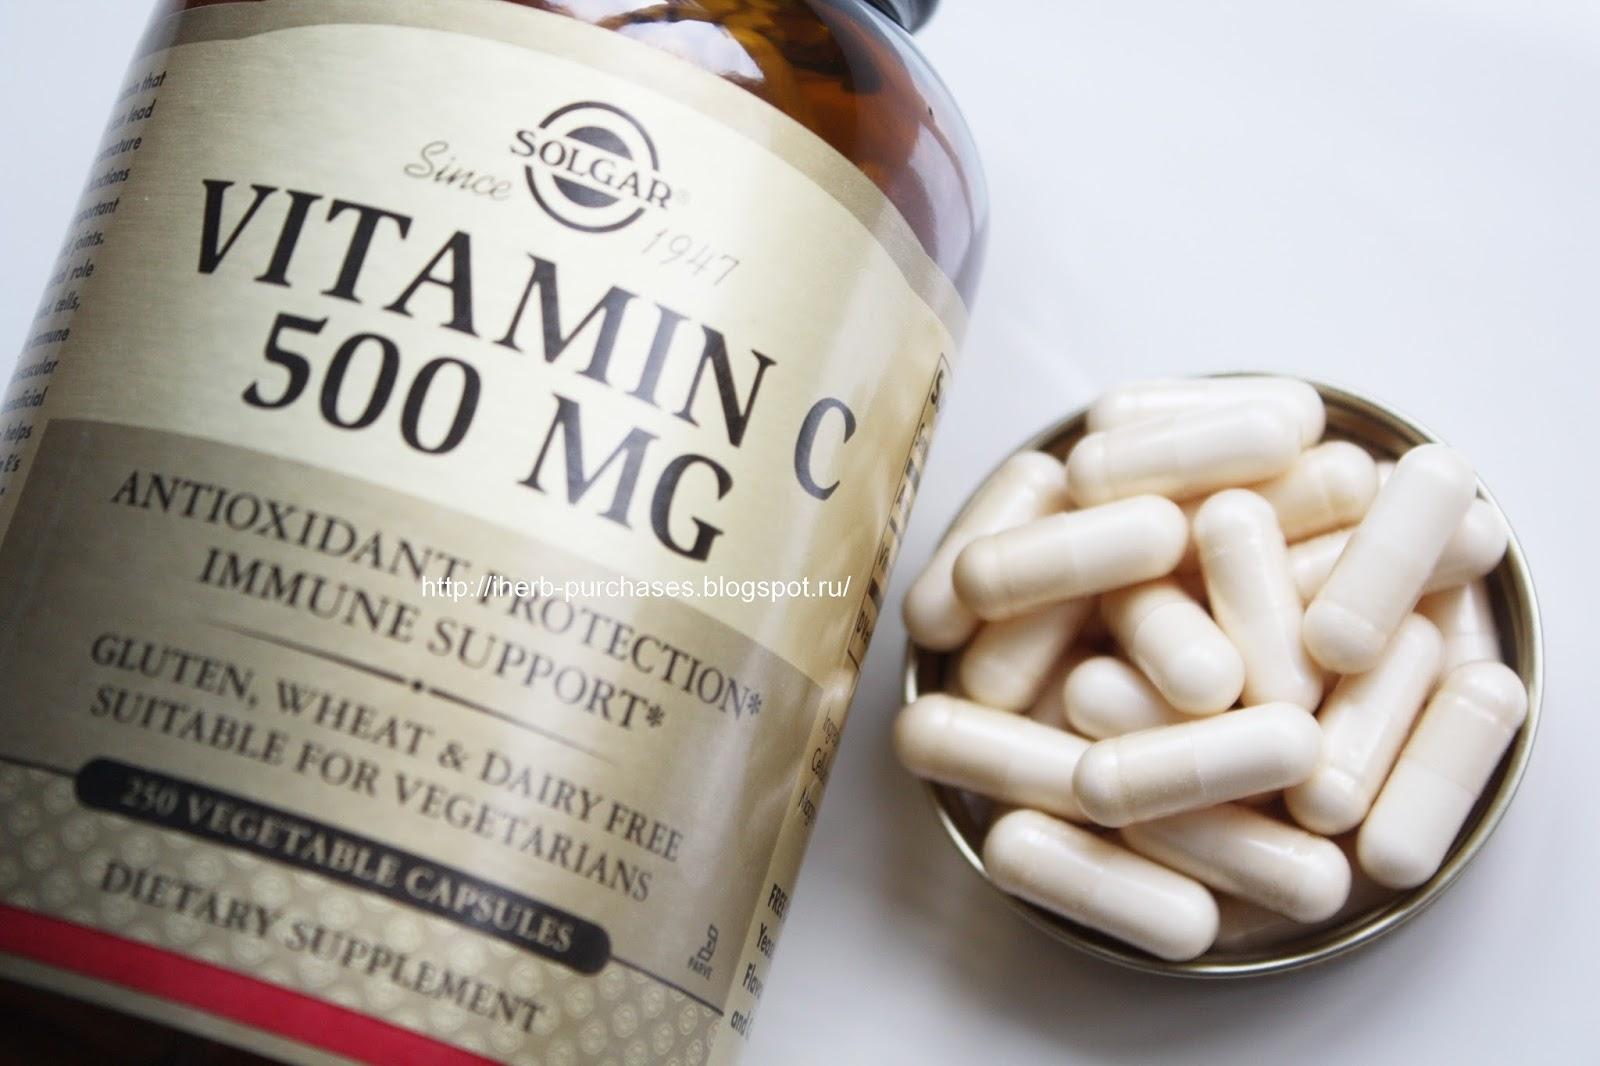 витамин с капсула антиоксидант отзыв iherb шруки